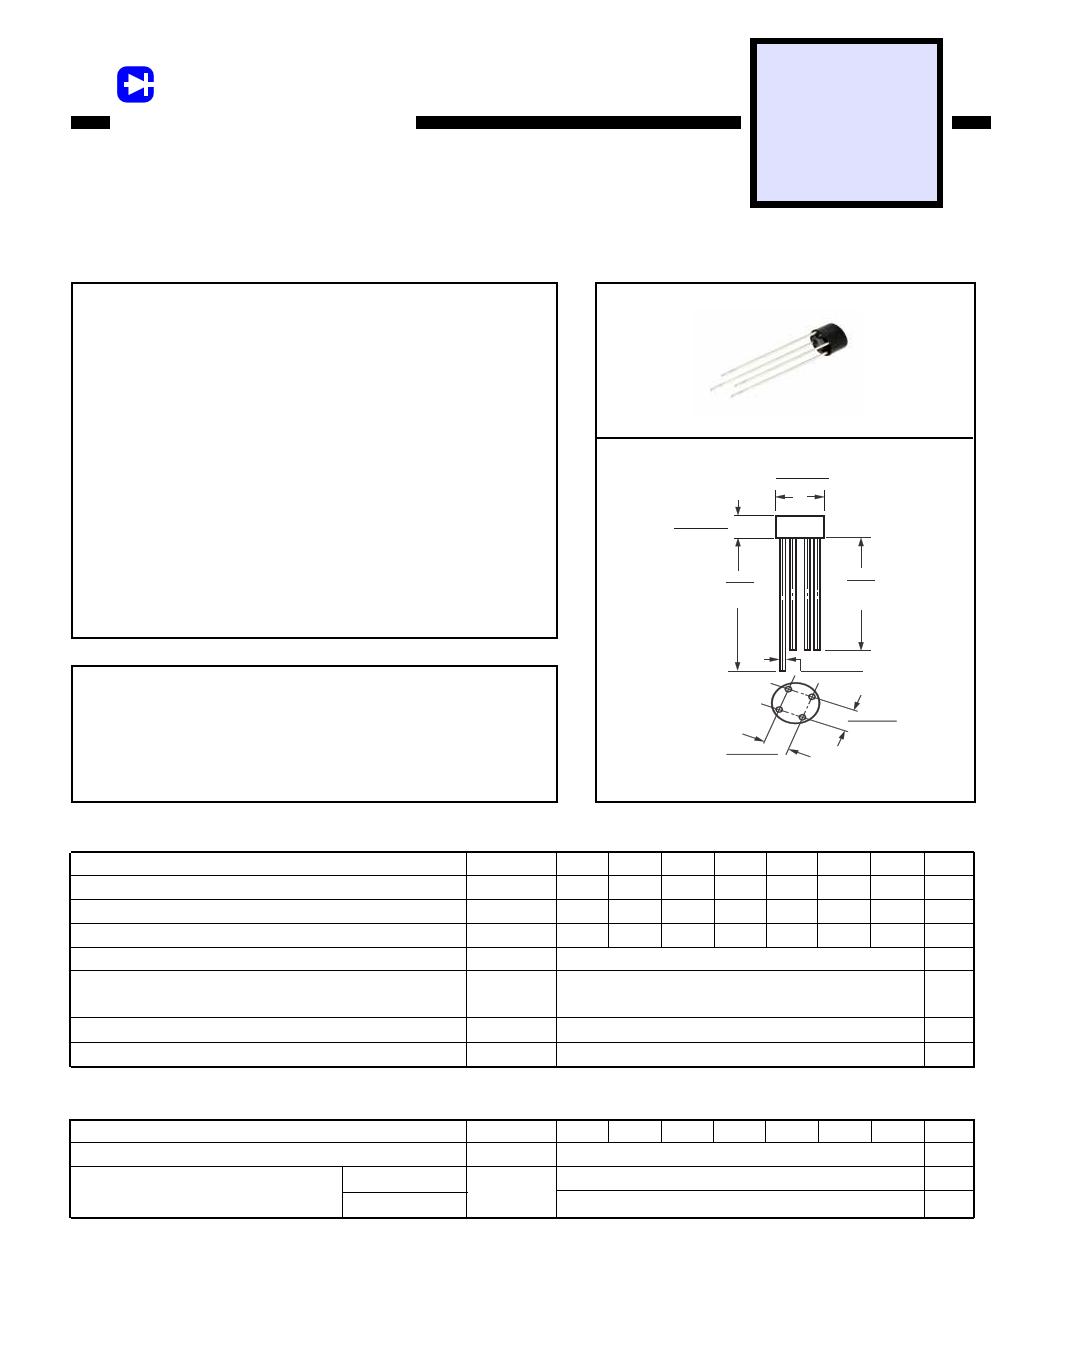 W02M datasheet